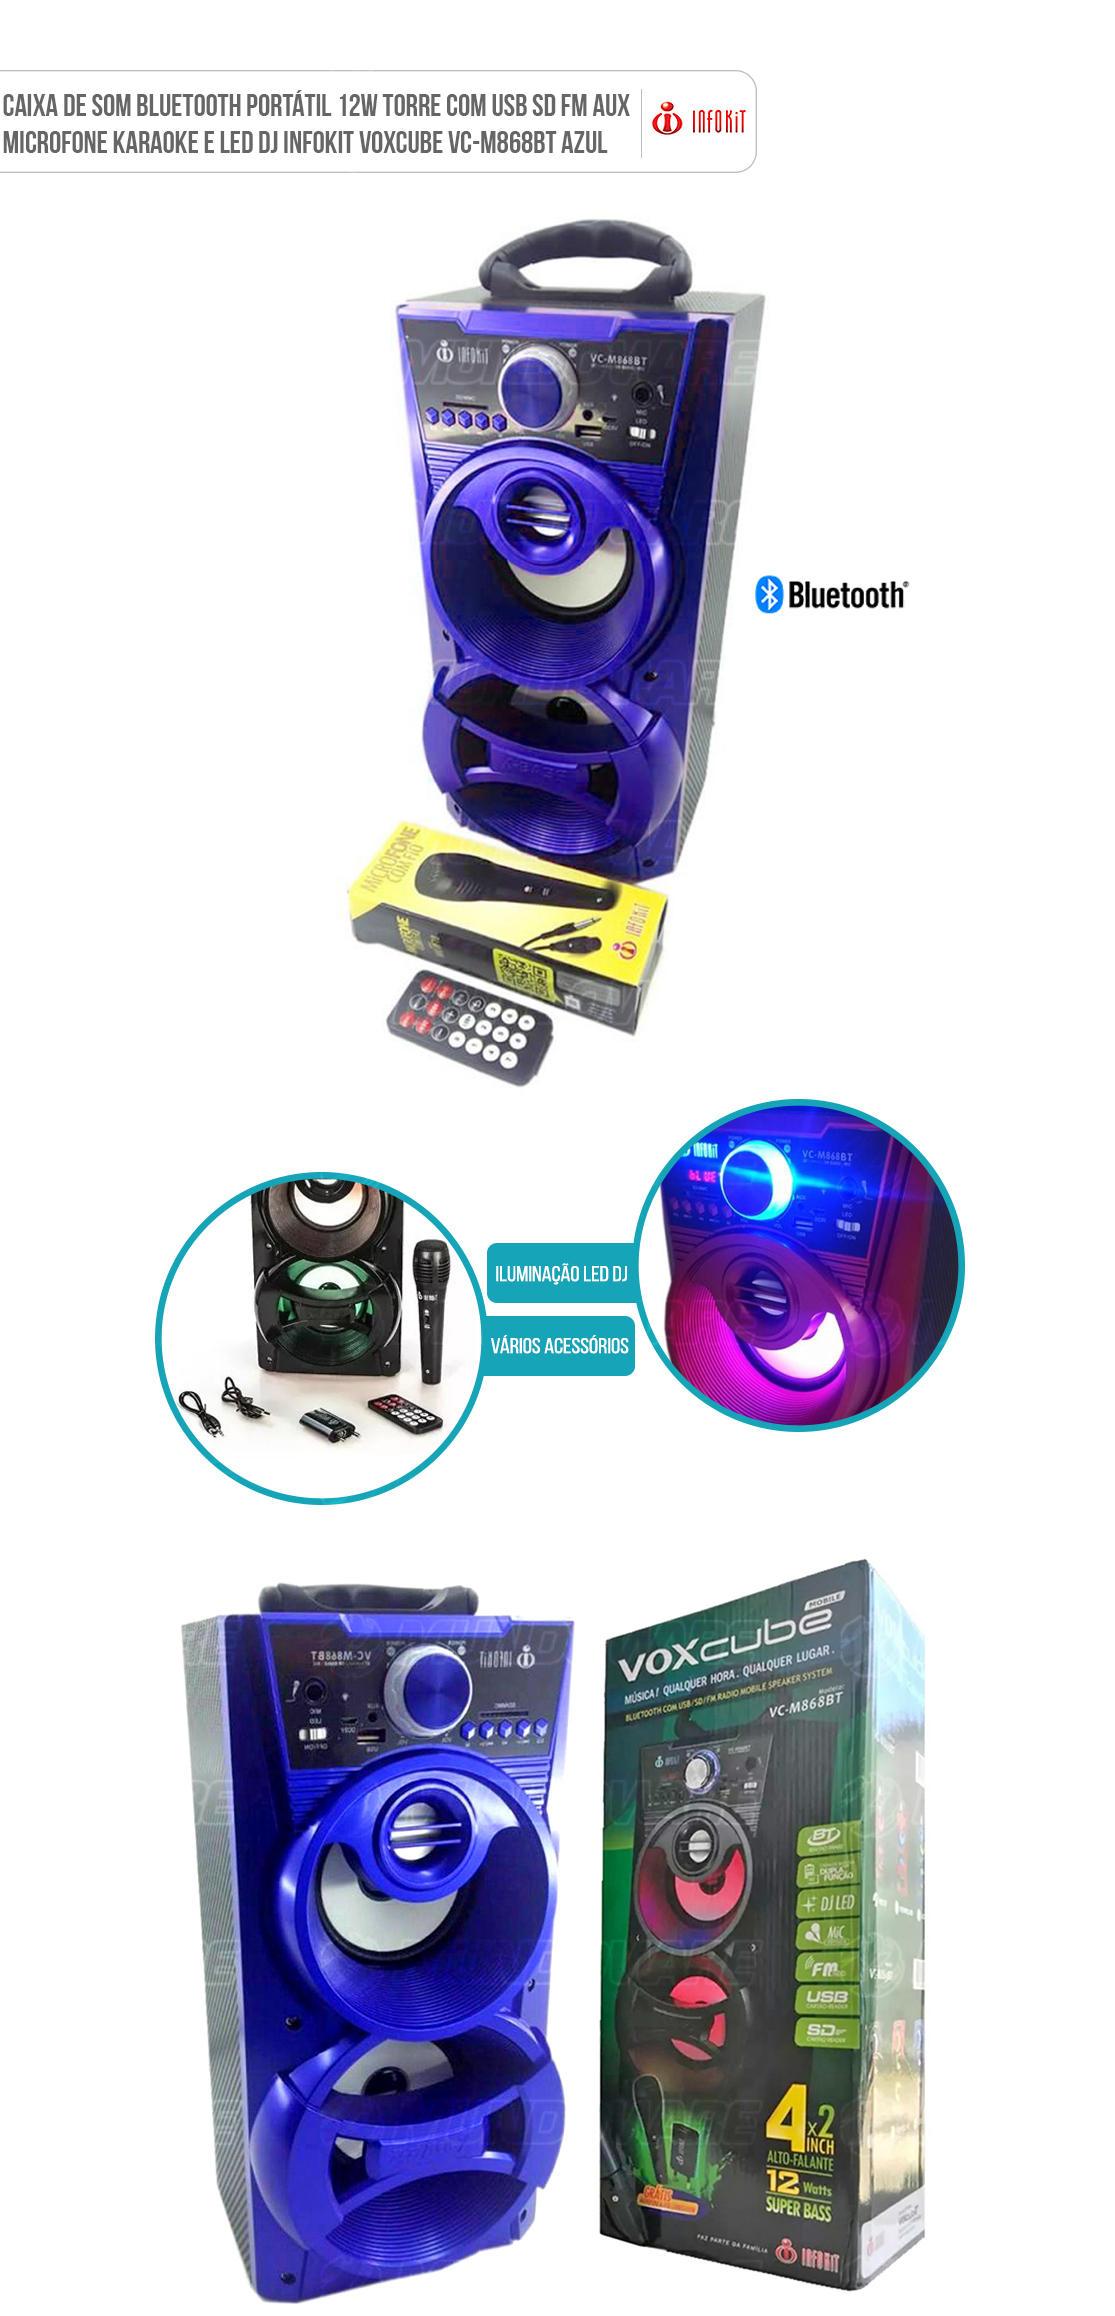 Caixa Bluetooth Mobile com Radio FM função Karaoke entrada SD Card Pendrive P2 Voxcube VC-M868BT Azul